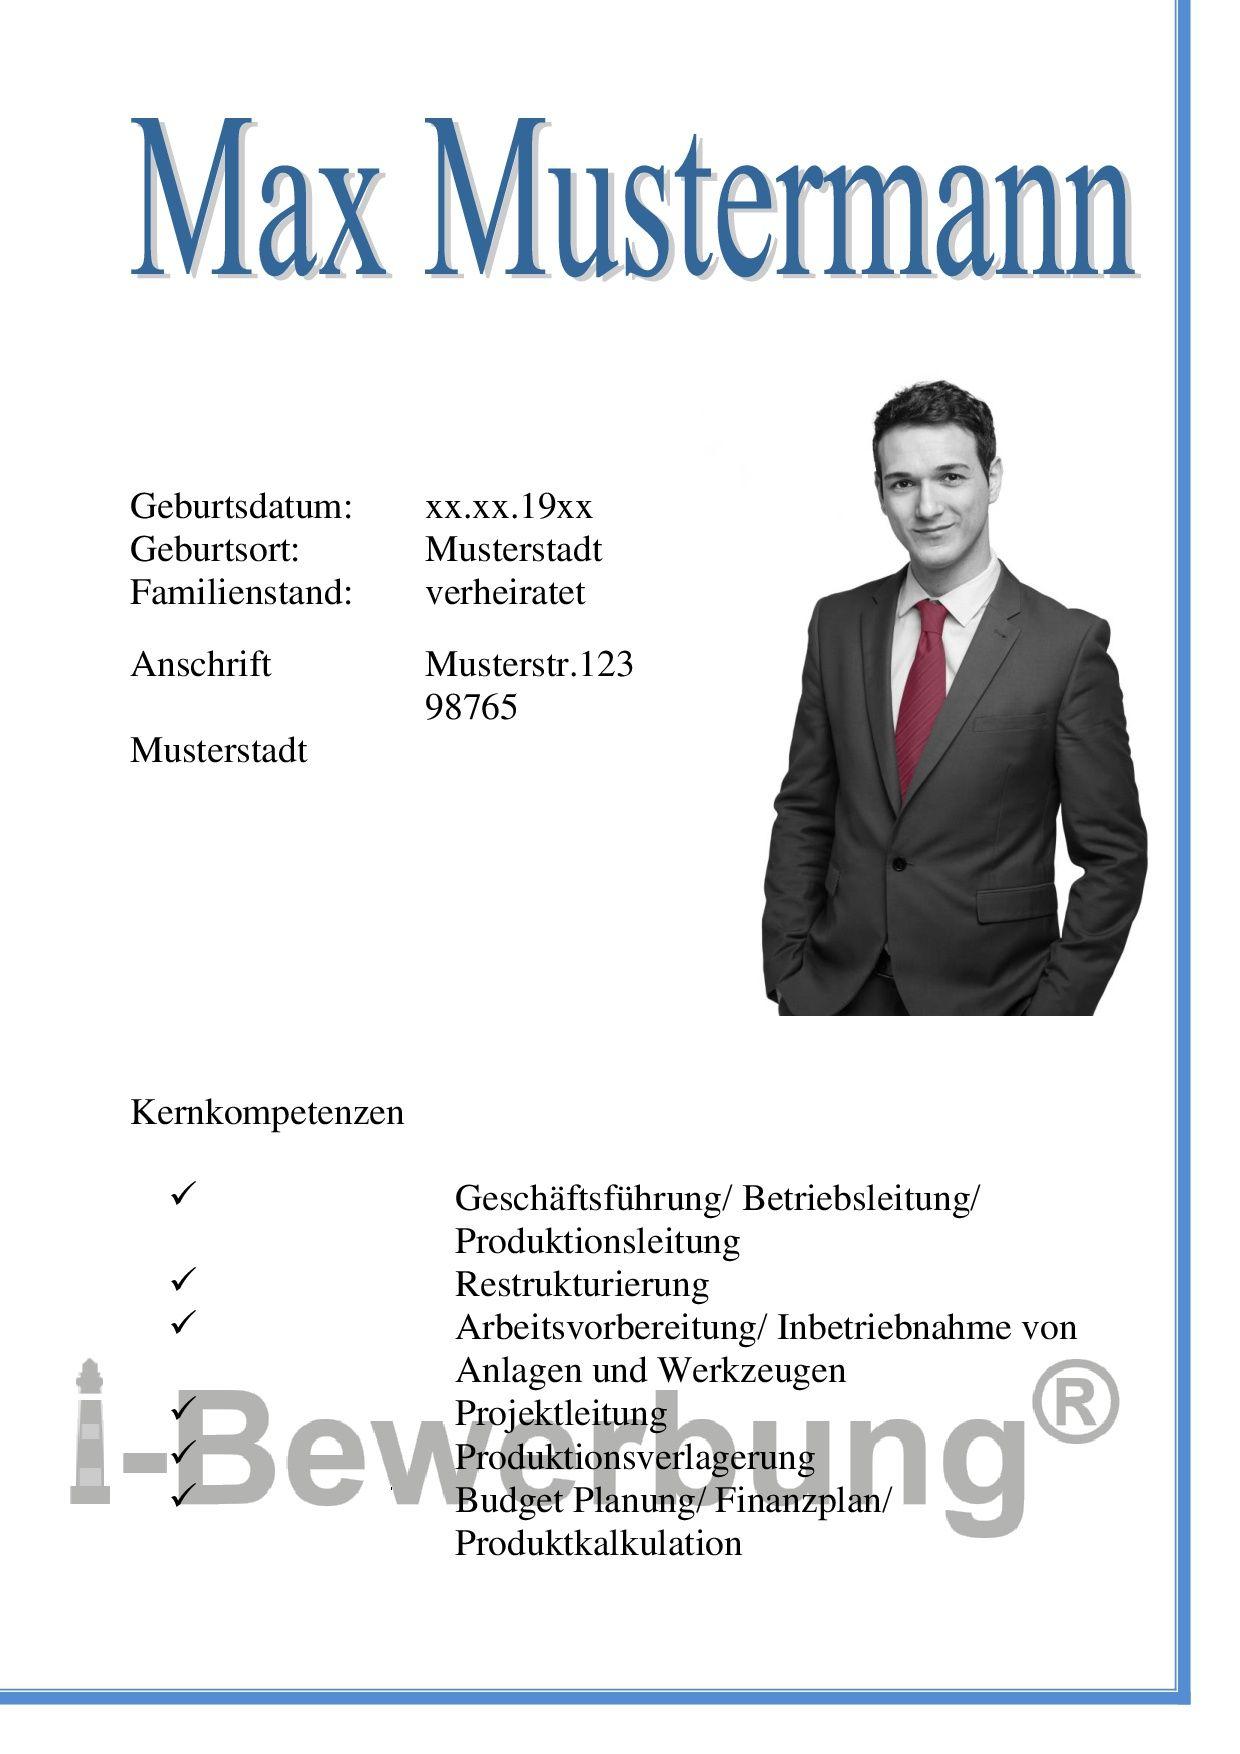 Auffälliges Deckblatt Zur Initiativbewerbung Als Führungskraft